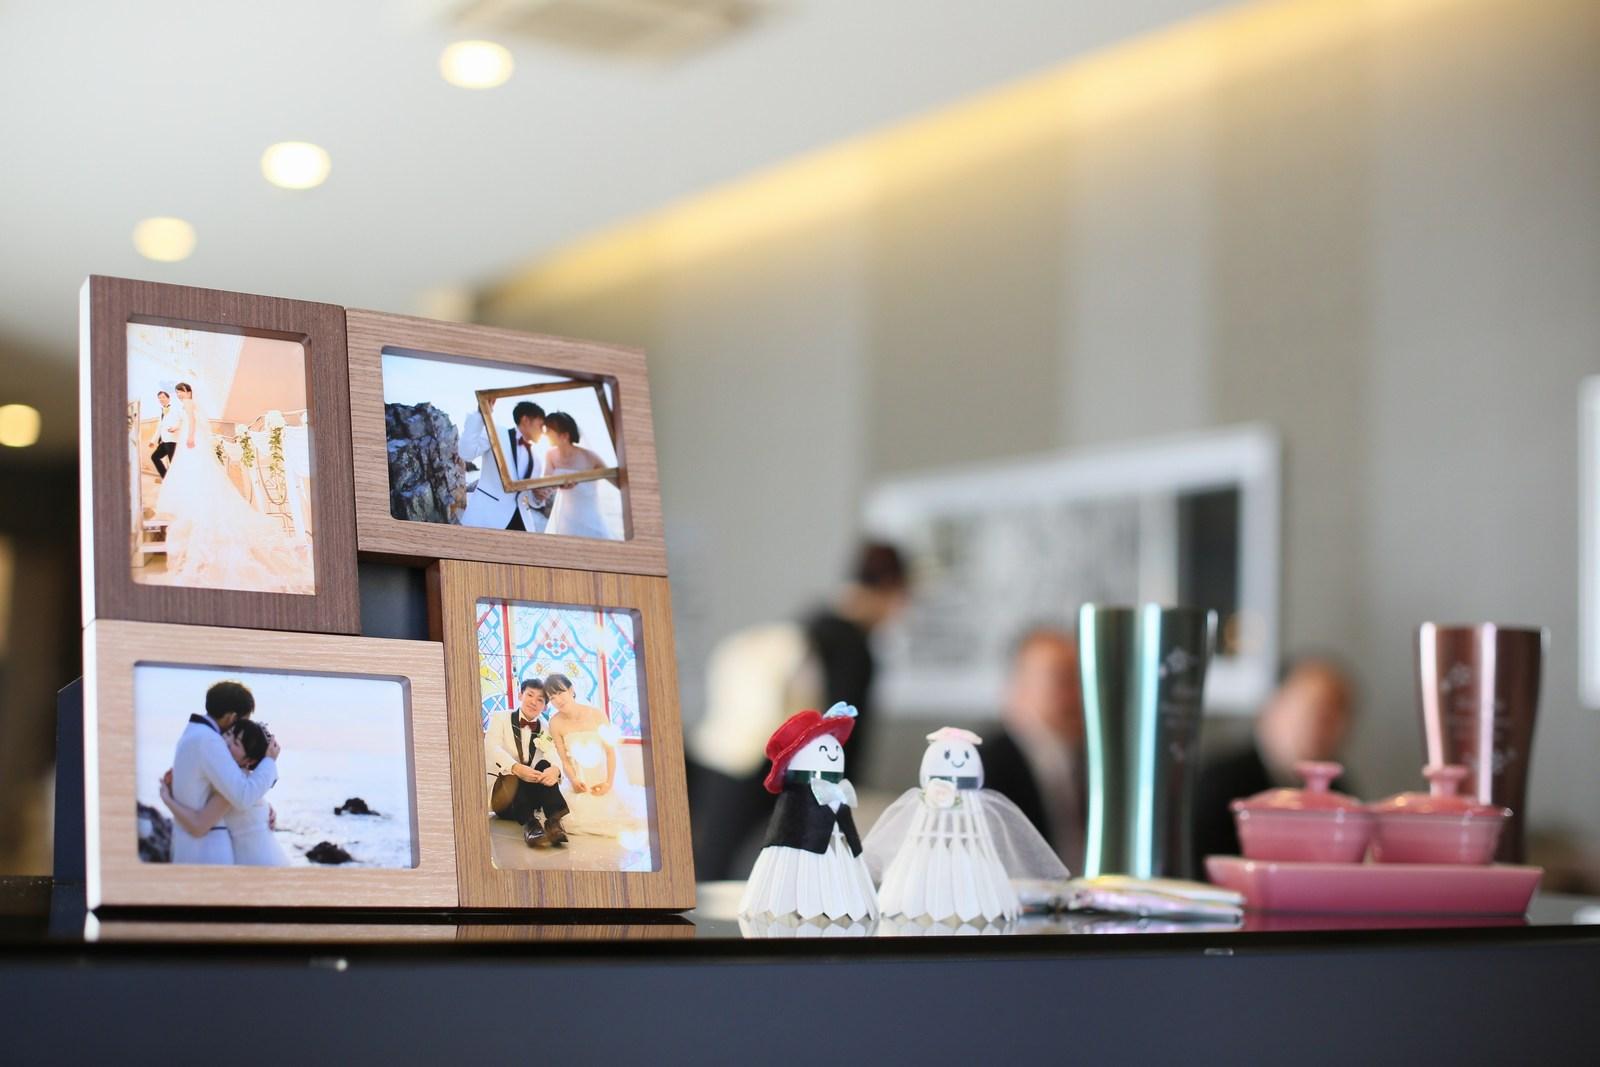 徳島市の結婚式場ブランアンジュで新郎新婦様のらしさ溢れる受付グッズ